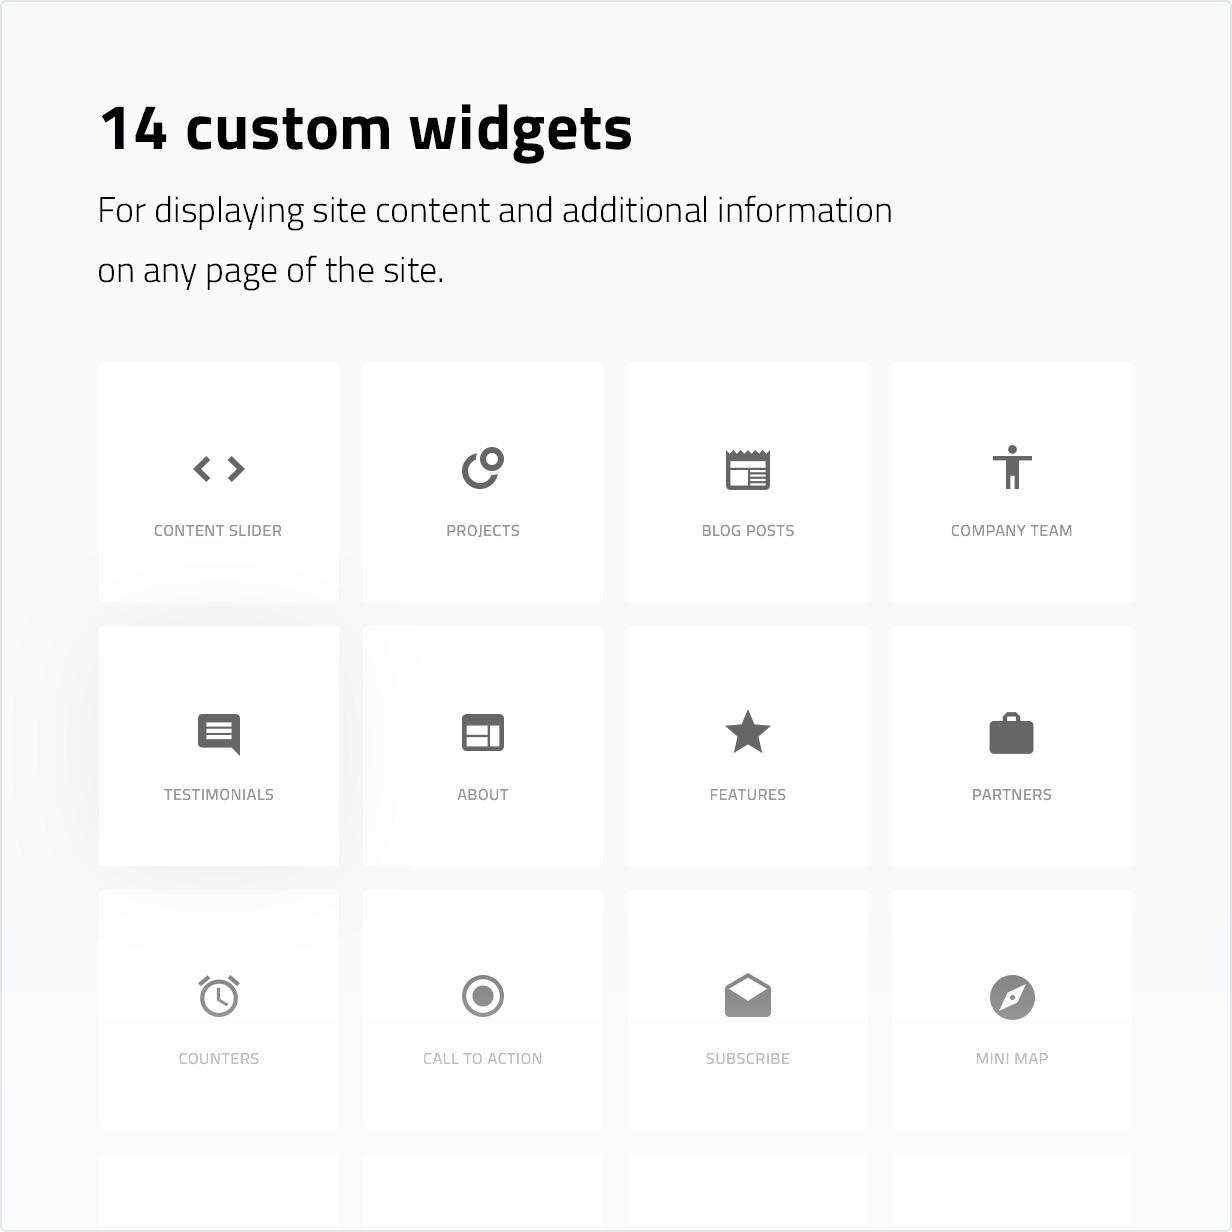 14 benutzerdefinierte Widgets zum Anzeigen von Websiteinhalten und zusätzlichen Informationen auf einer beliebigen Seite der Website